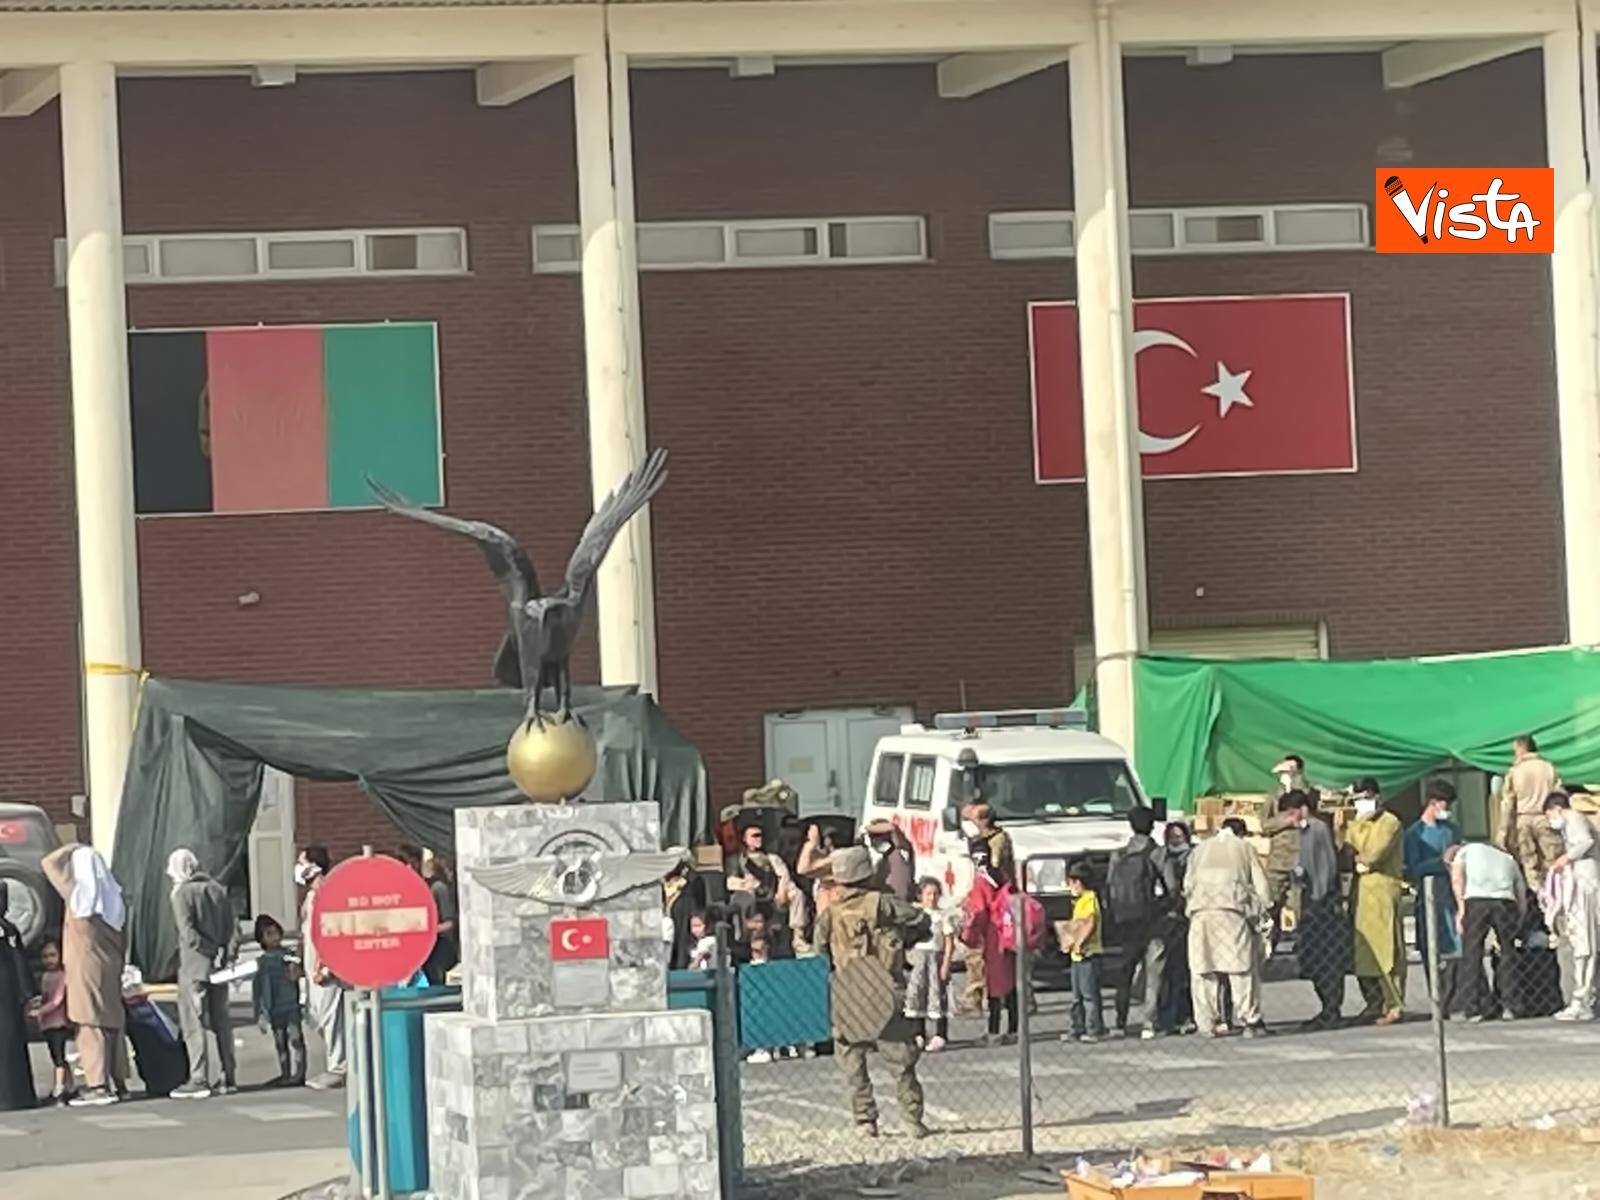 27-08-21 Finisce il ponte aereo Roma Kabul,_09. la chiusura del portellone